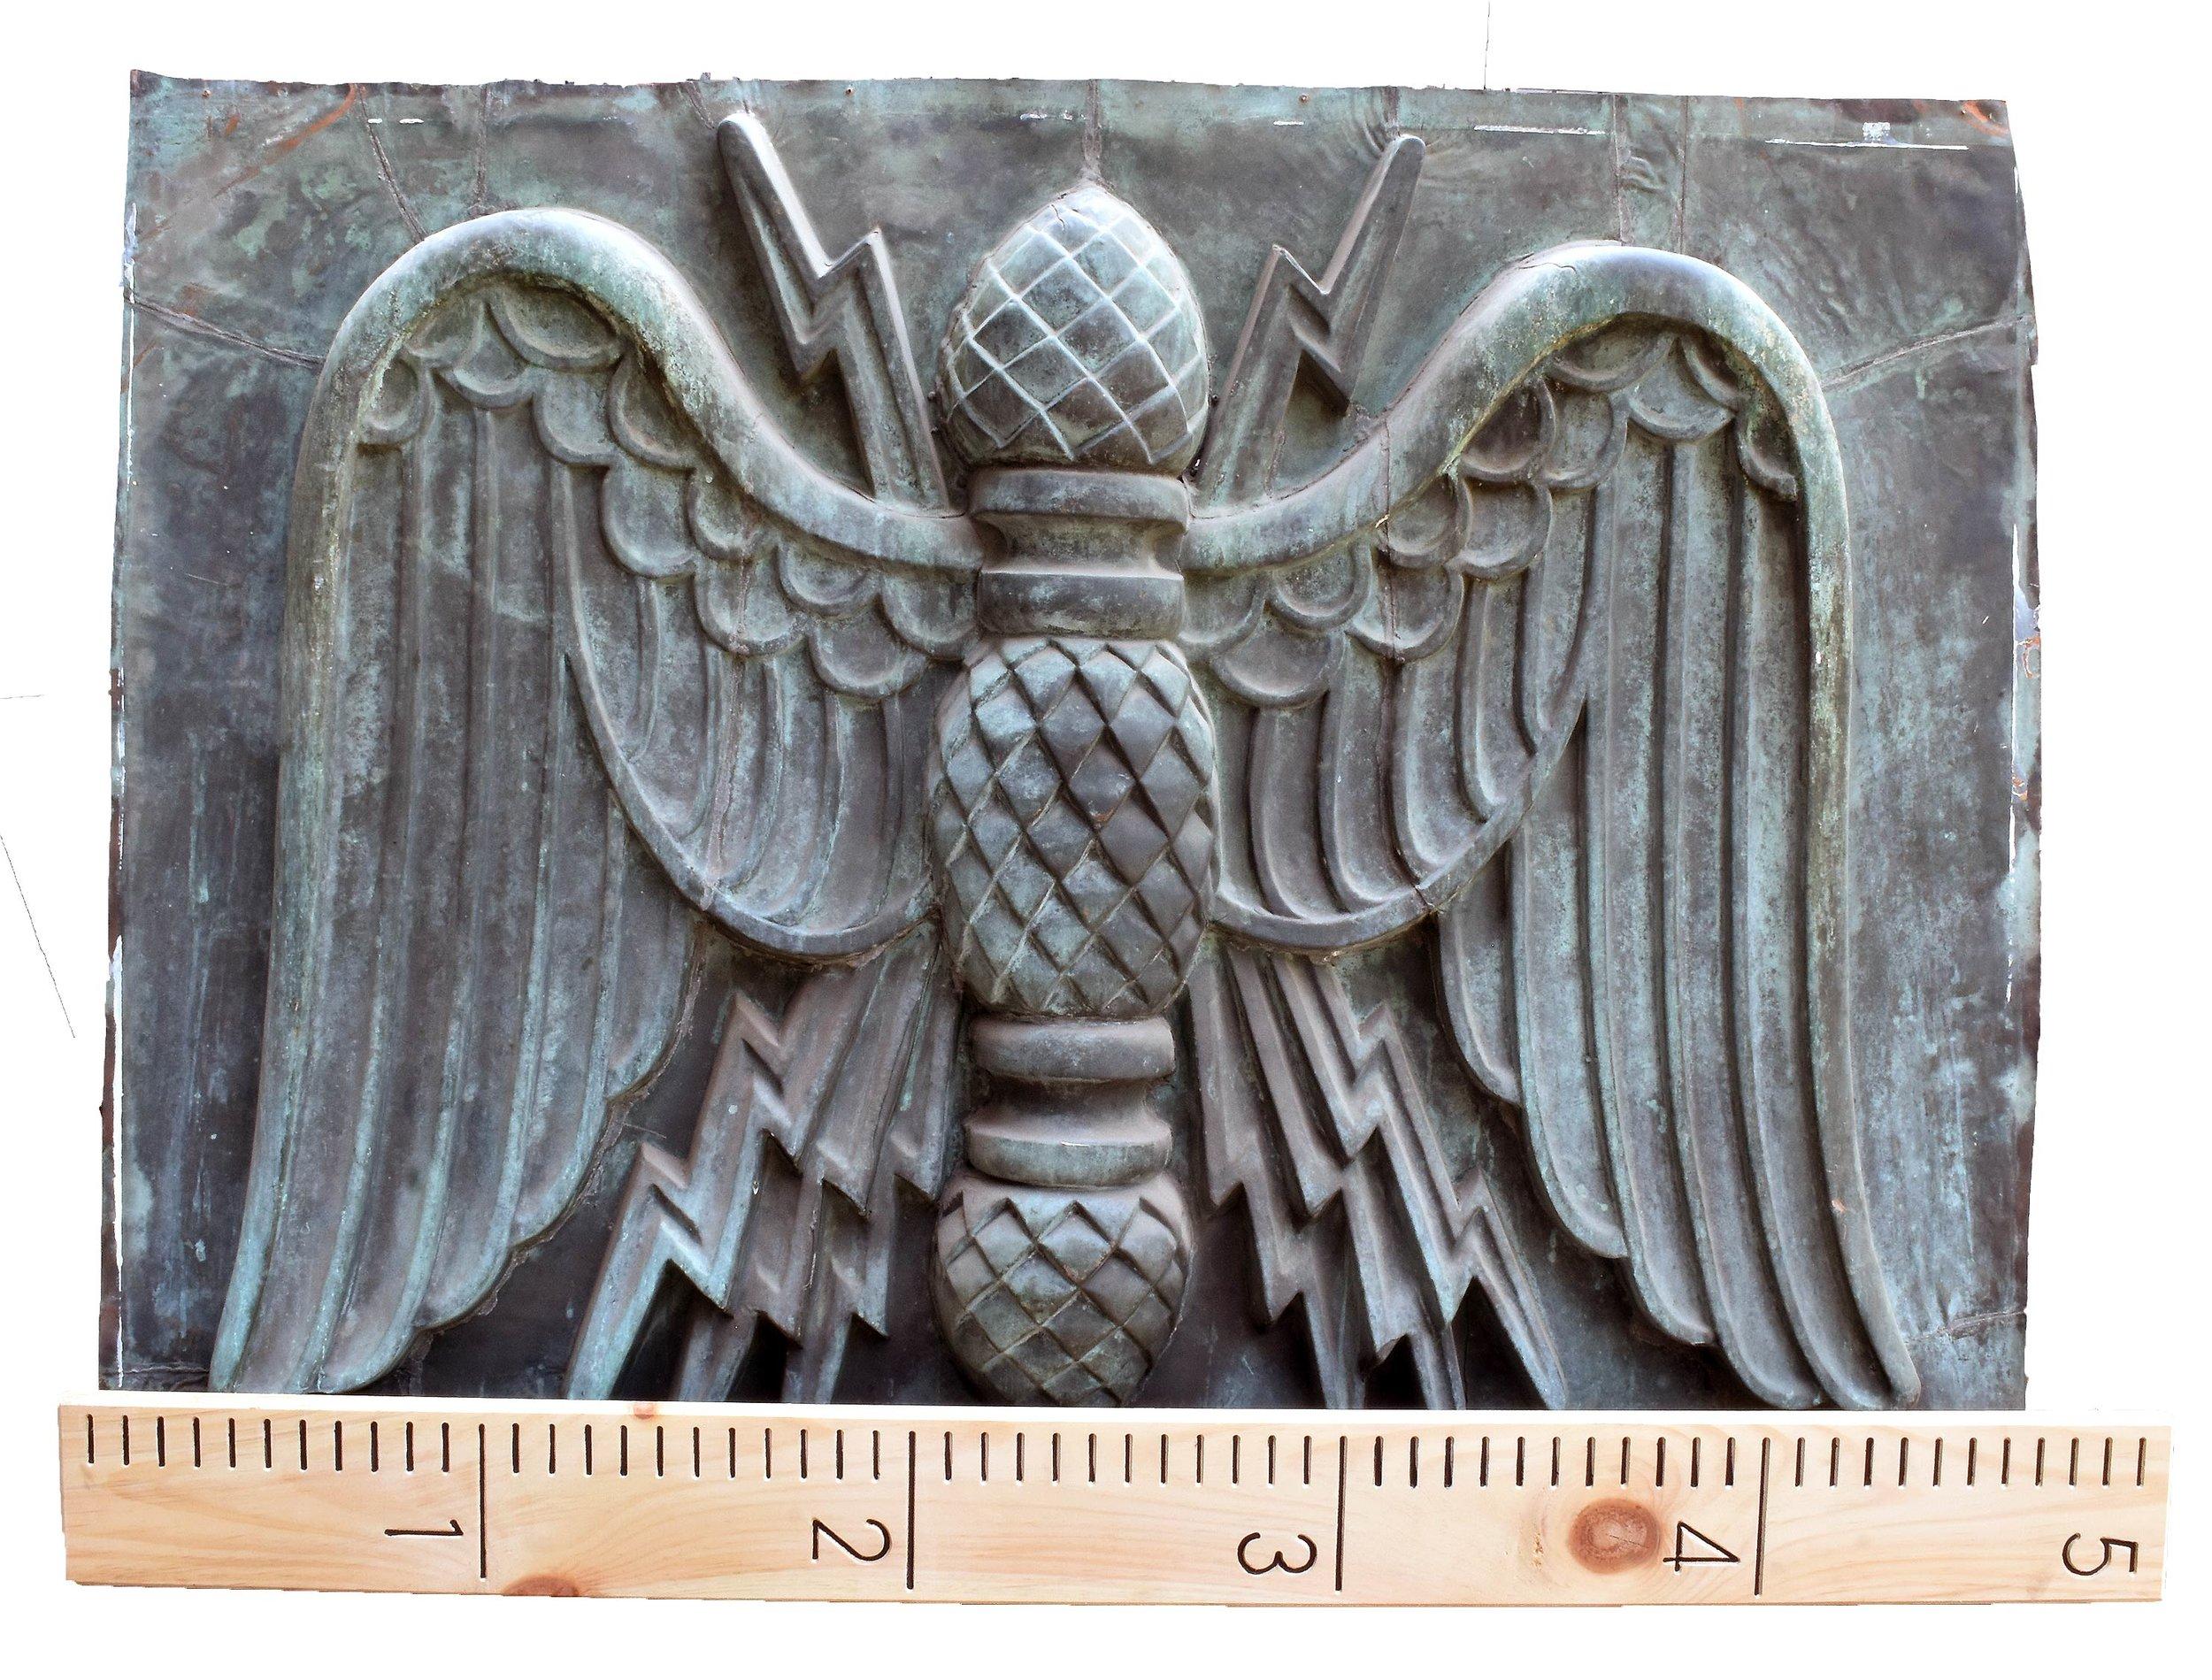 47957 copper building panel lighting bolt w ruler.jpg